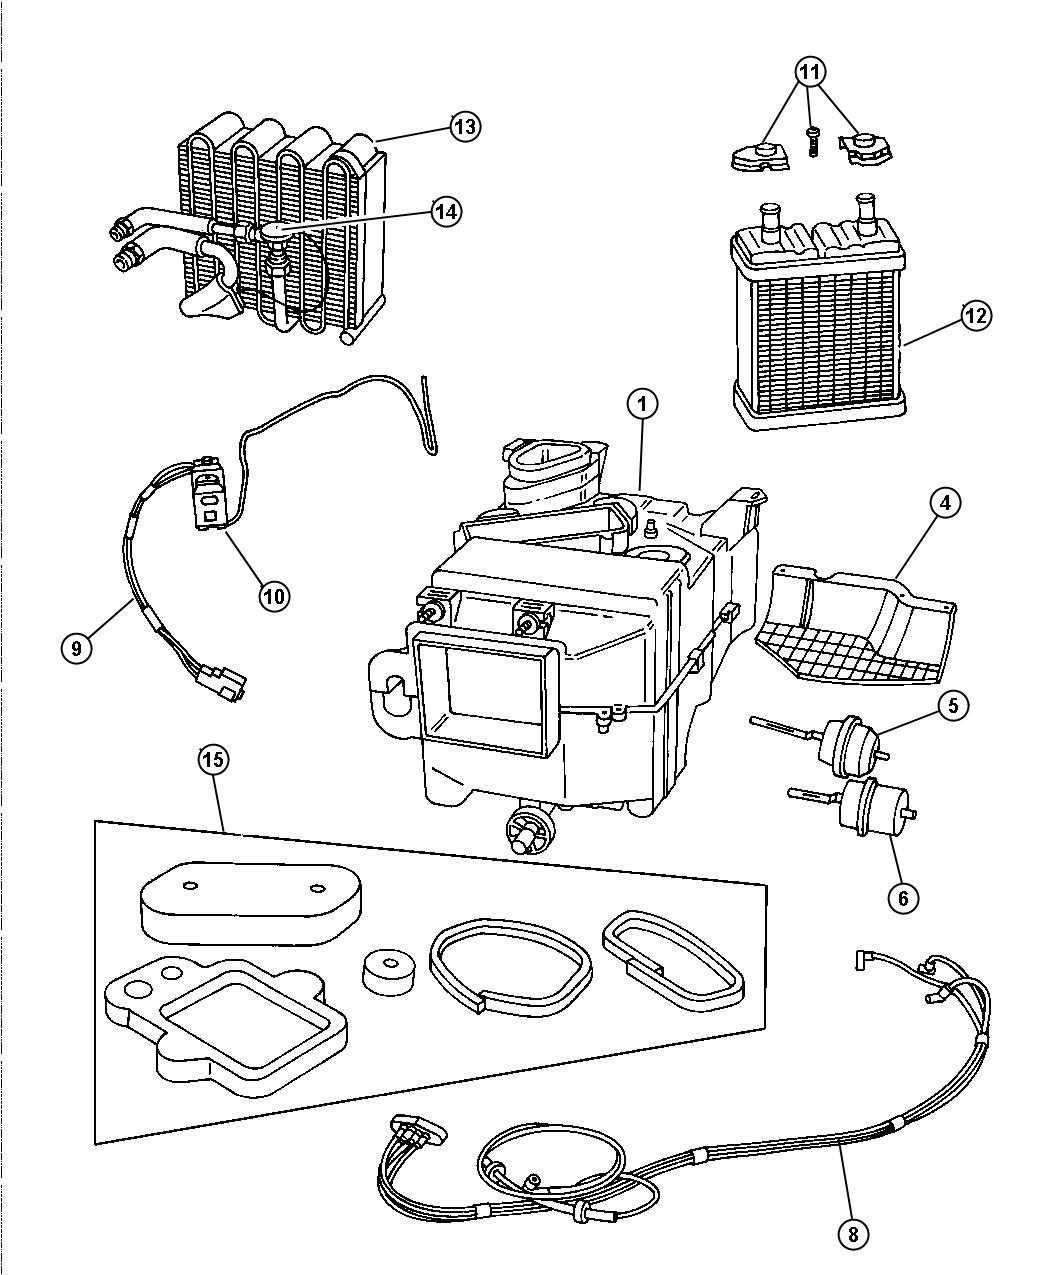 Dodge Viper Evaporator Air Conditioning Unit Hevac